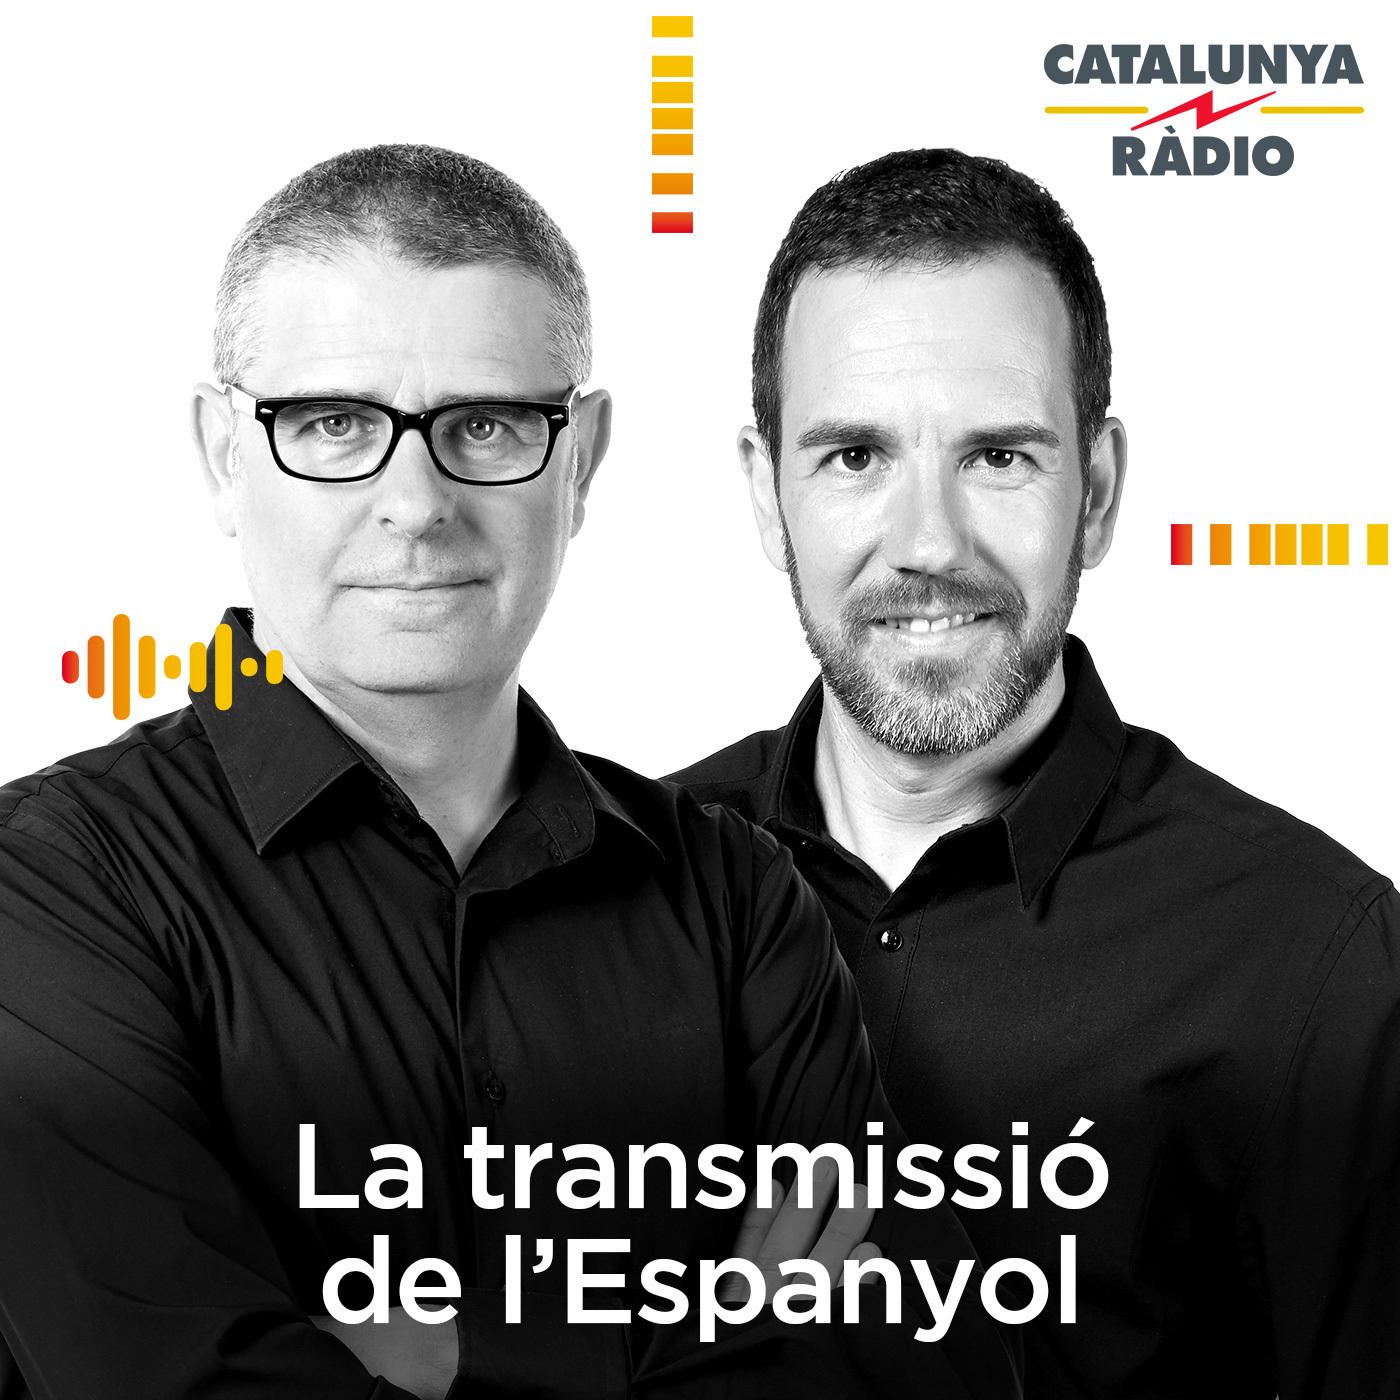 La transmissió de l'Espanyol